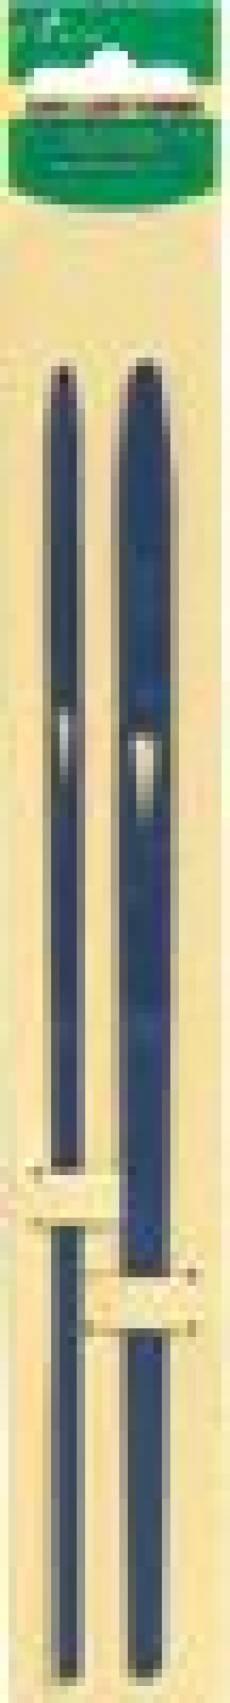 Streifenwender